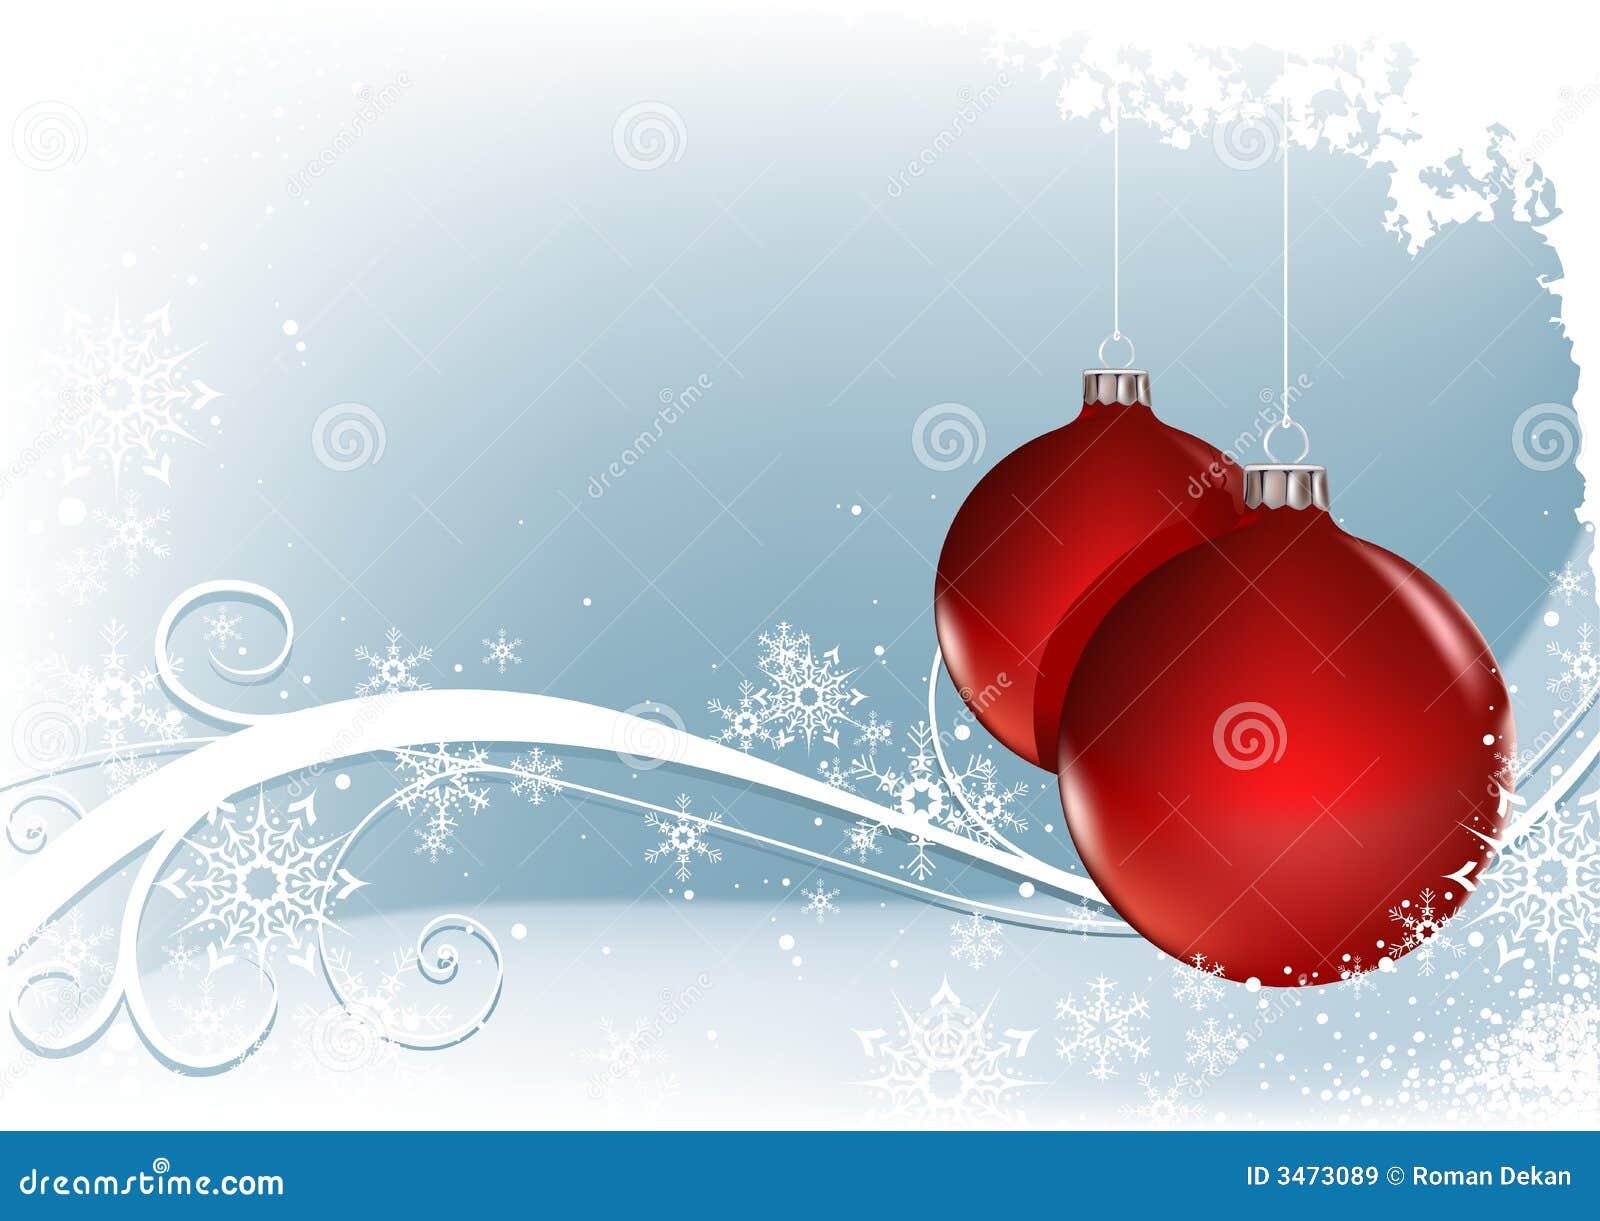 Rote weihnachtskugeln vektor abbildung bild von blau for Weihnachtskugeln bilder